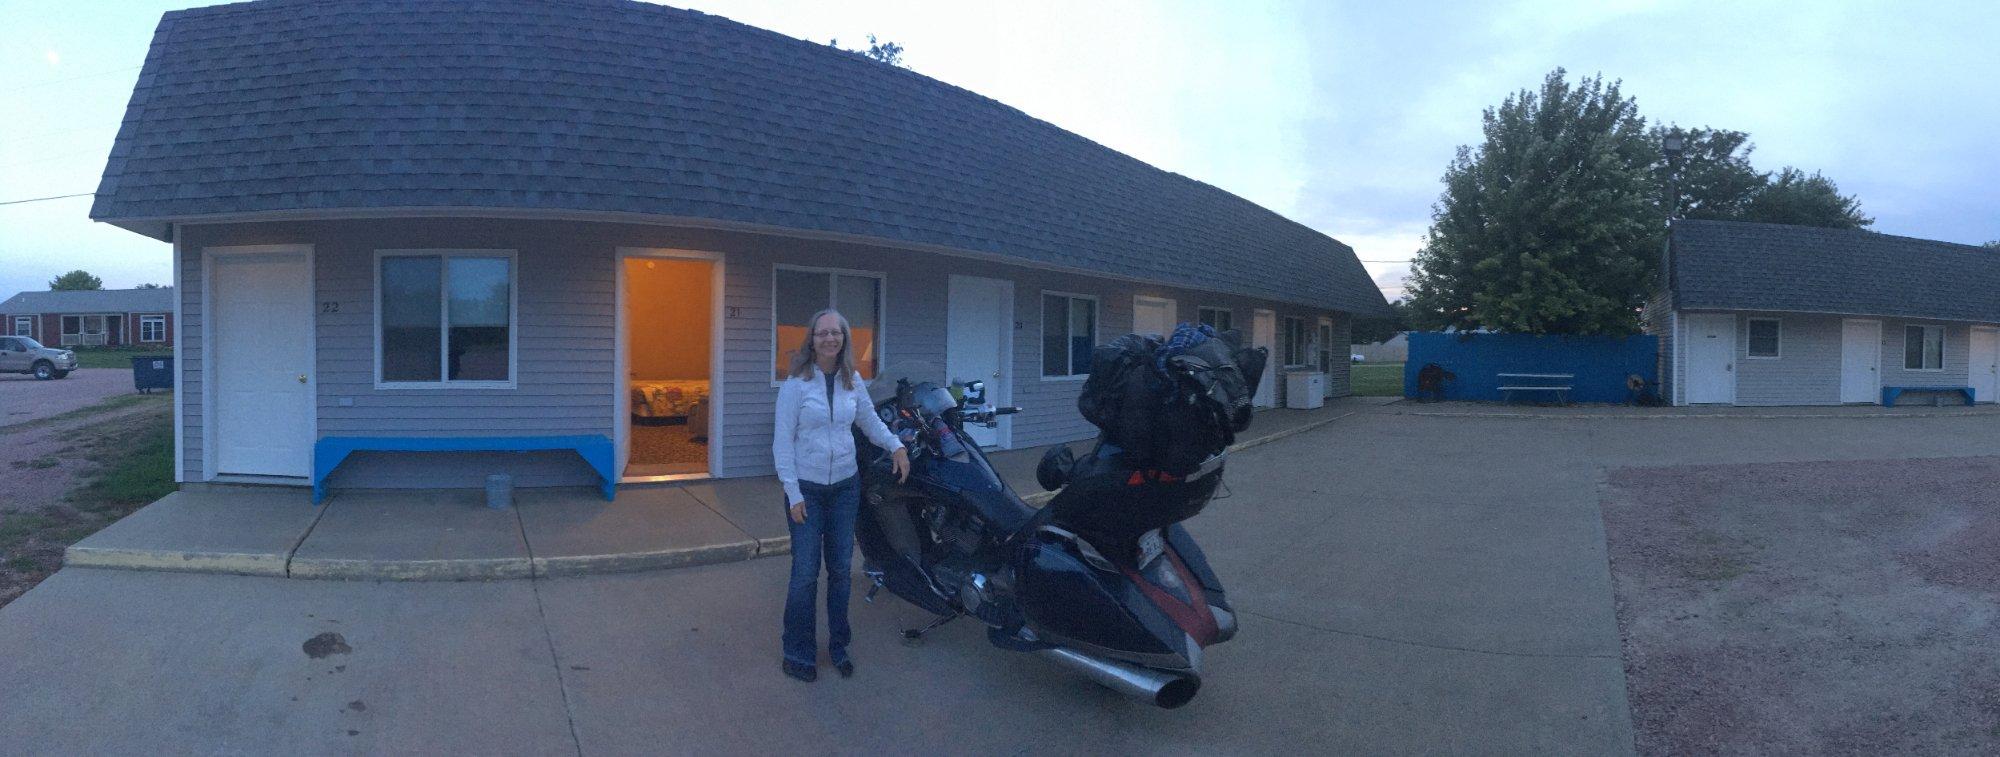 Gray House Motel